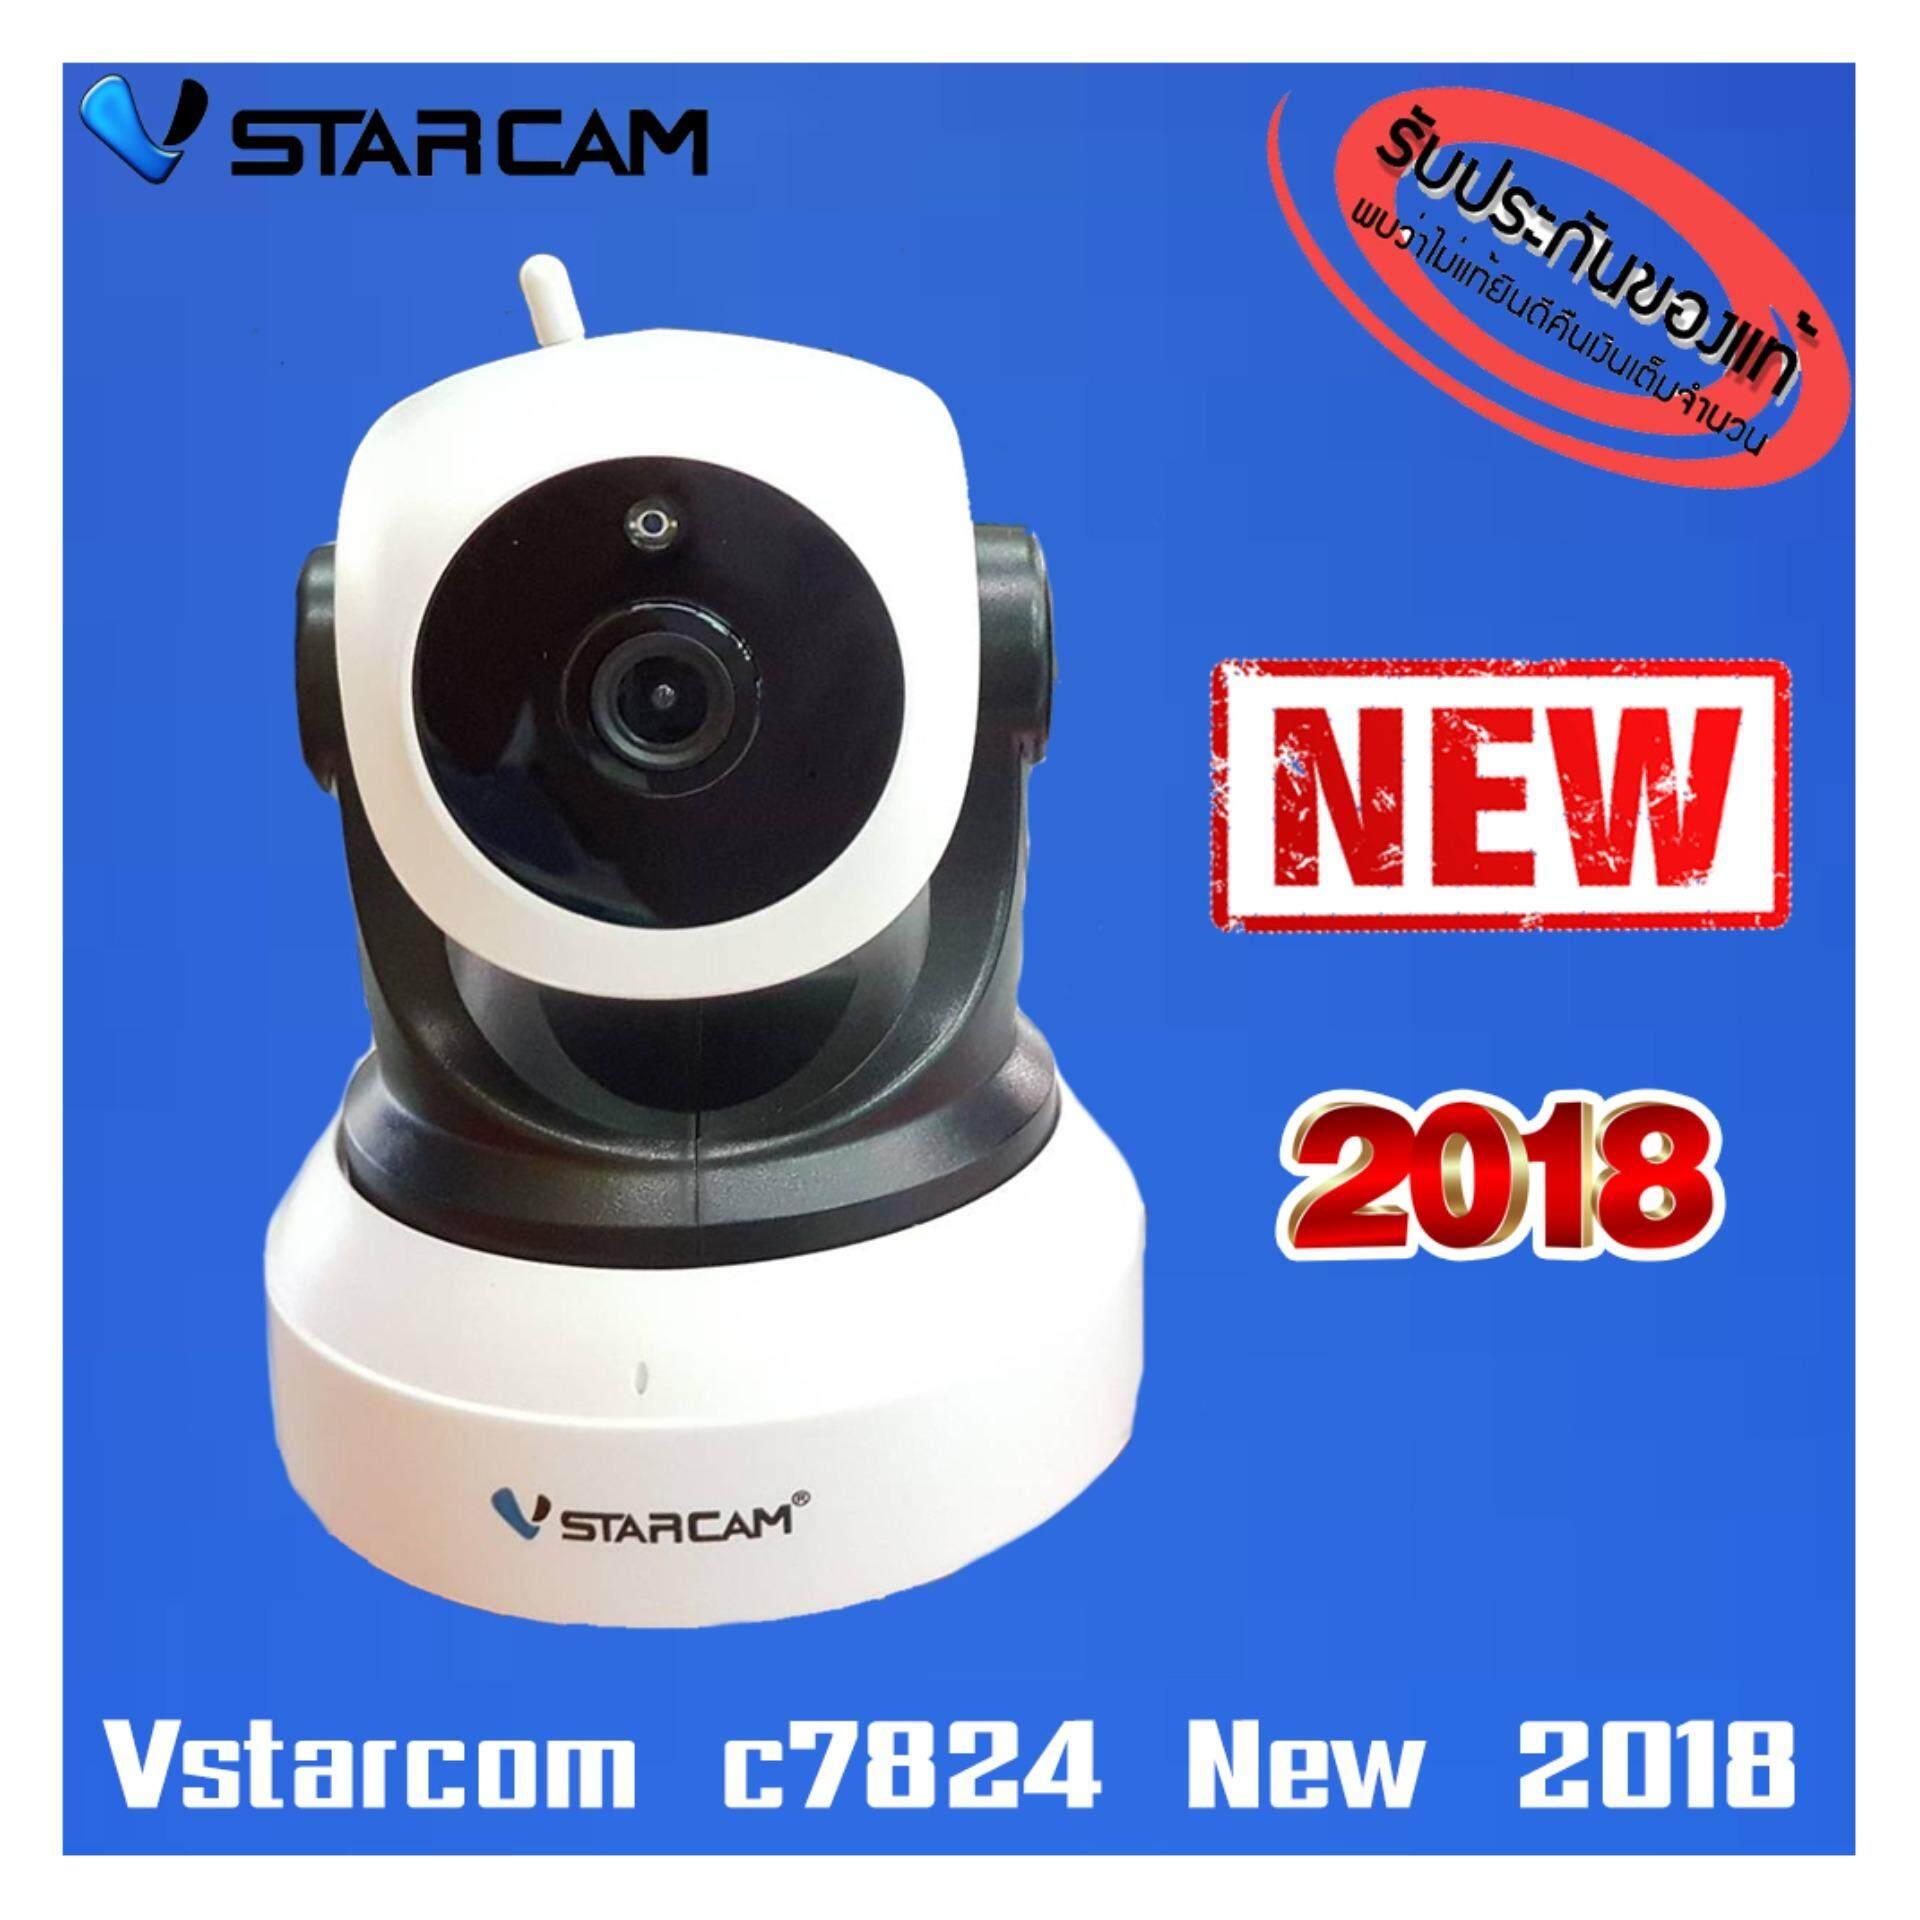 โปรโมชั่น Vstarcam กล้องวงจร ปิด Ip Camera รุ่น C7824Wip 1 Mp And Ir Cut Wip Hd ถูก